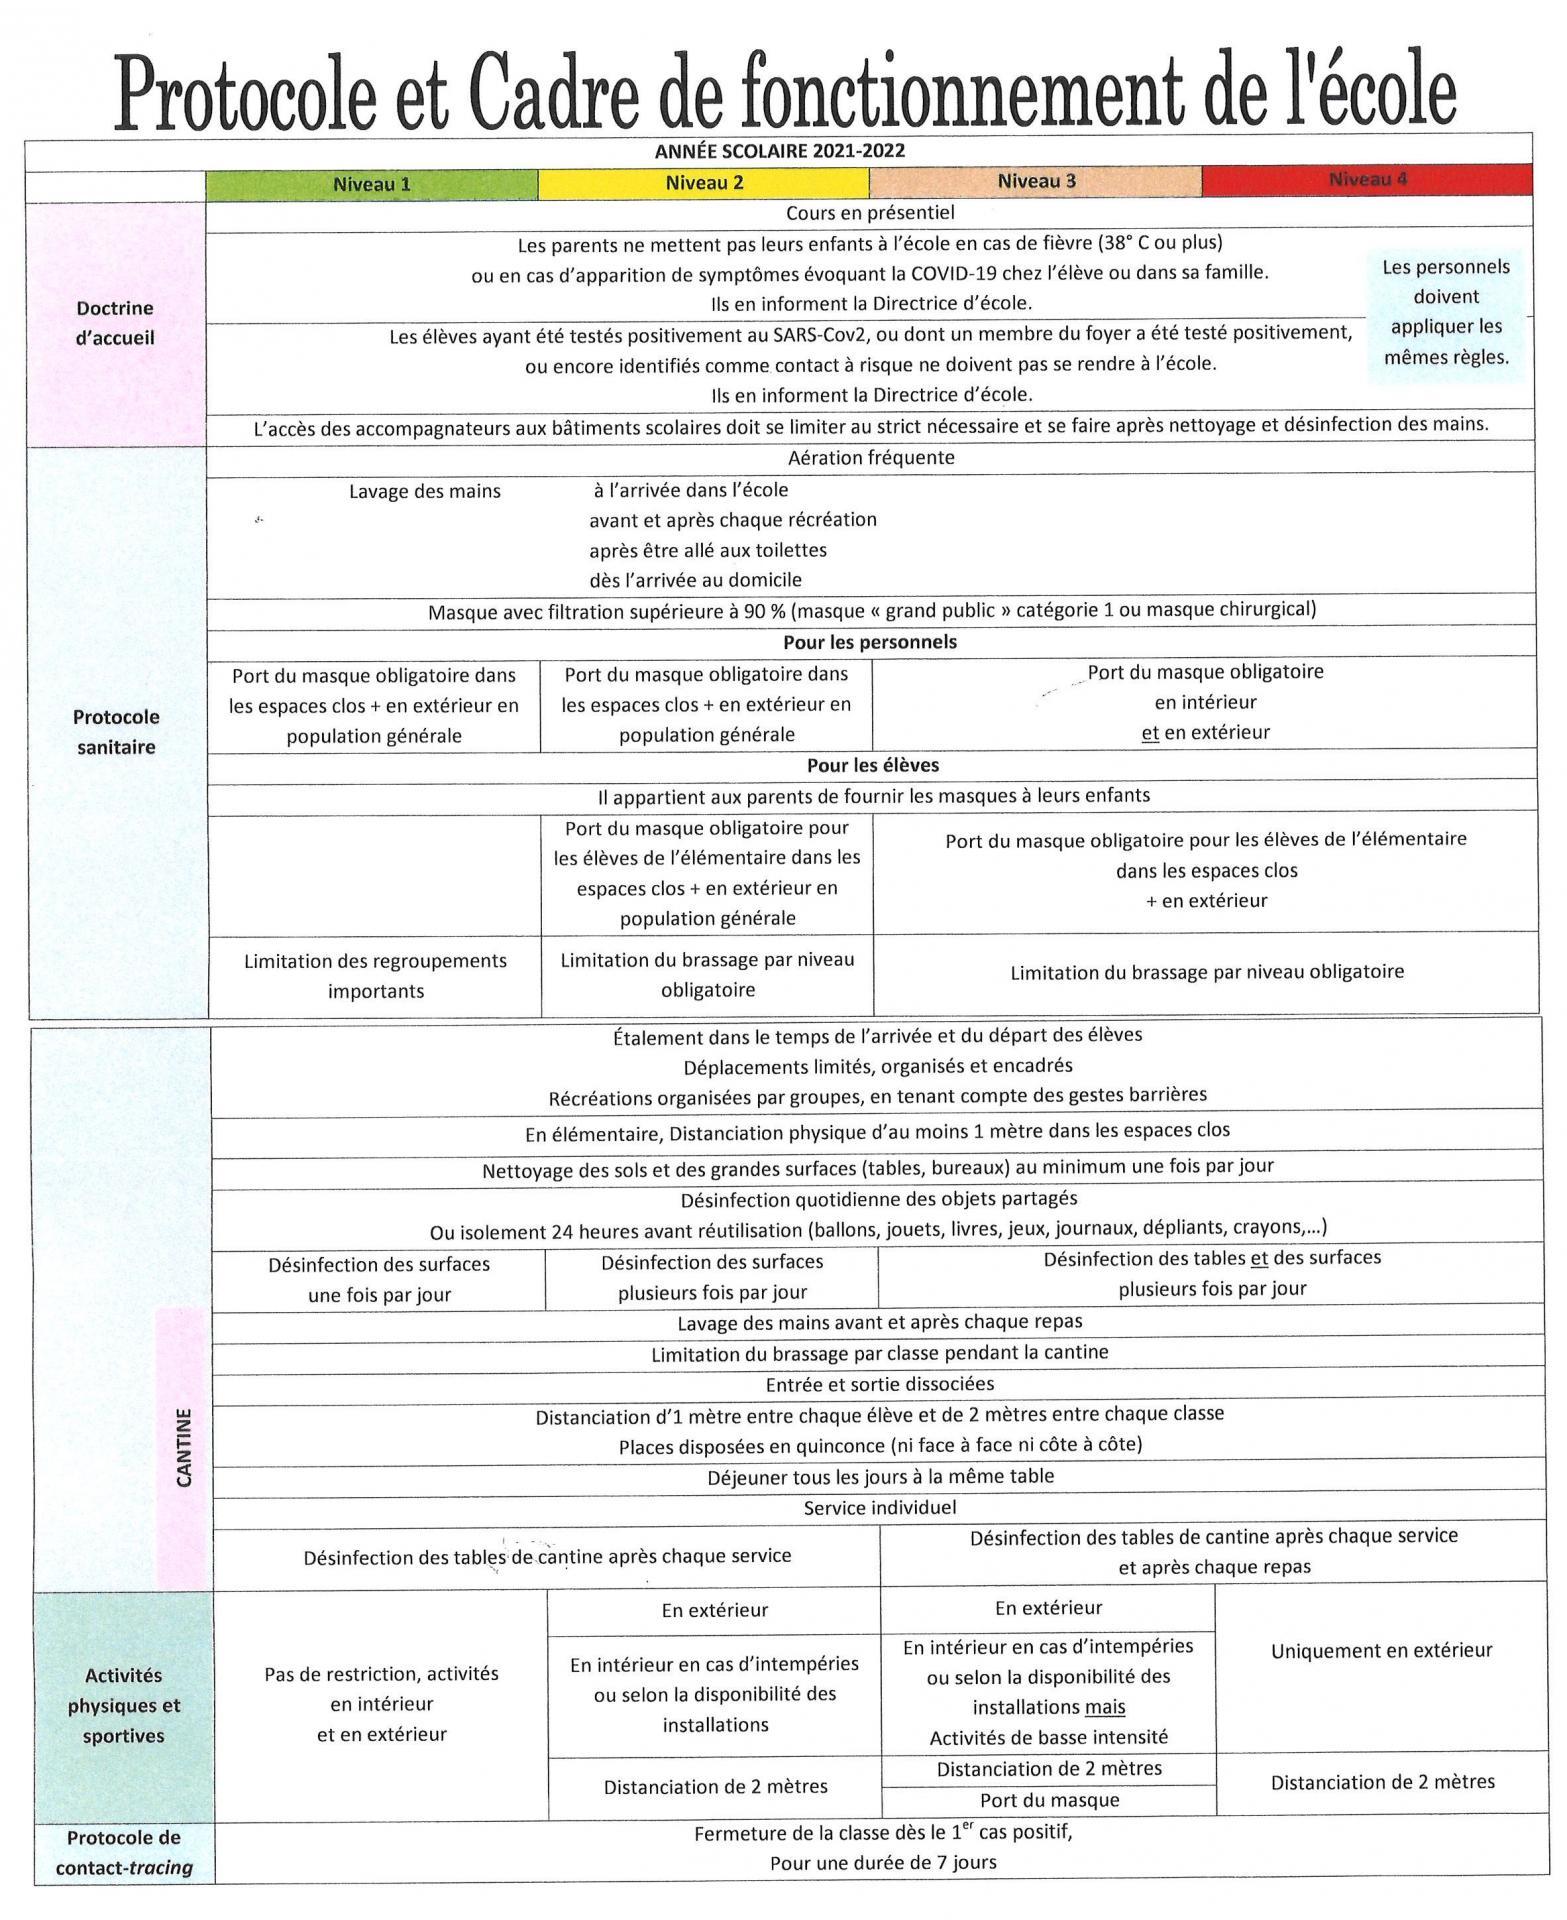 Protocole et Fonctionnement Année scolaire 2021-2022